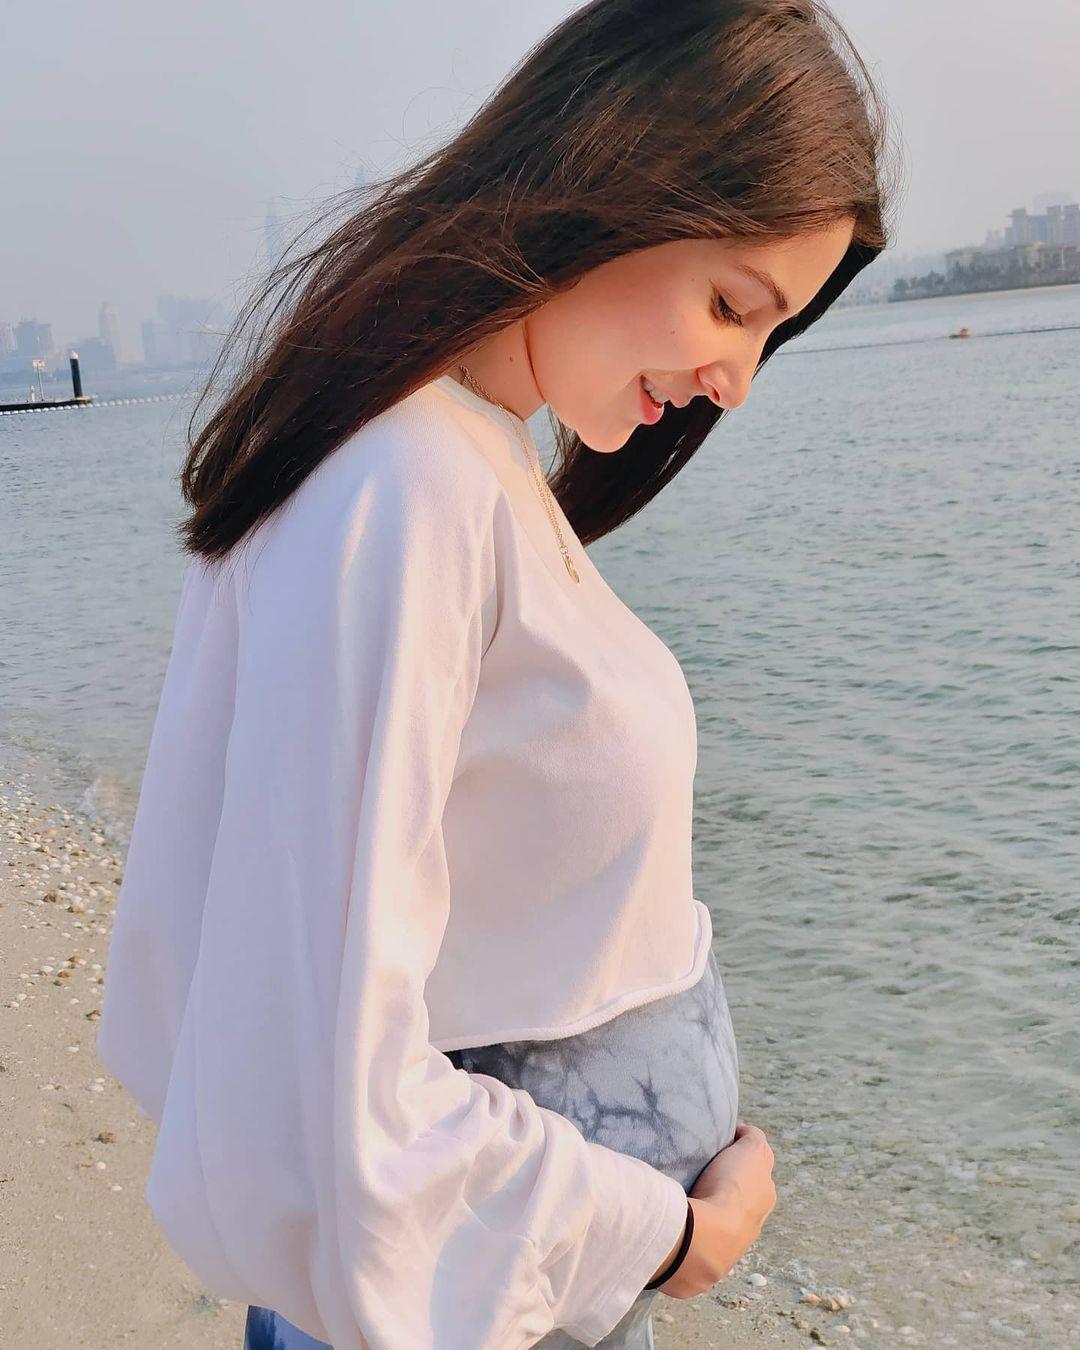 अनुष्का शर्मानं काही महिन्यांपूर्वी गोंडस मुलीला जन्म दिला. मात्र आता तिनं पुन्हा एकदा आपल्या फिटनेसकडे पुर्ण लक्ष वळवलं आहे.